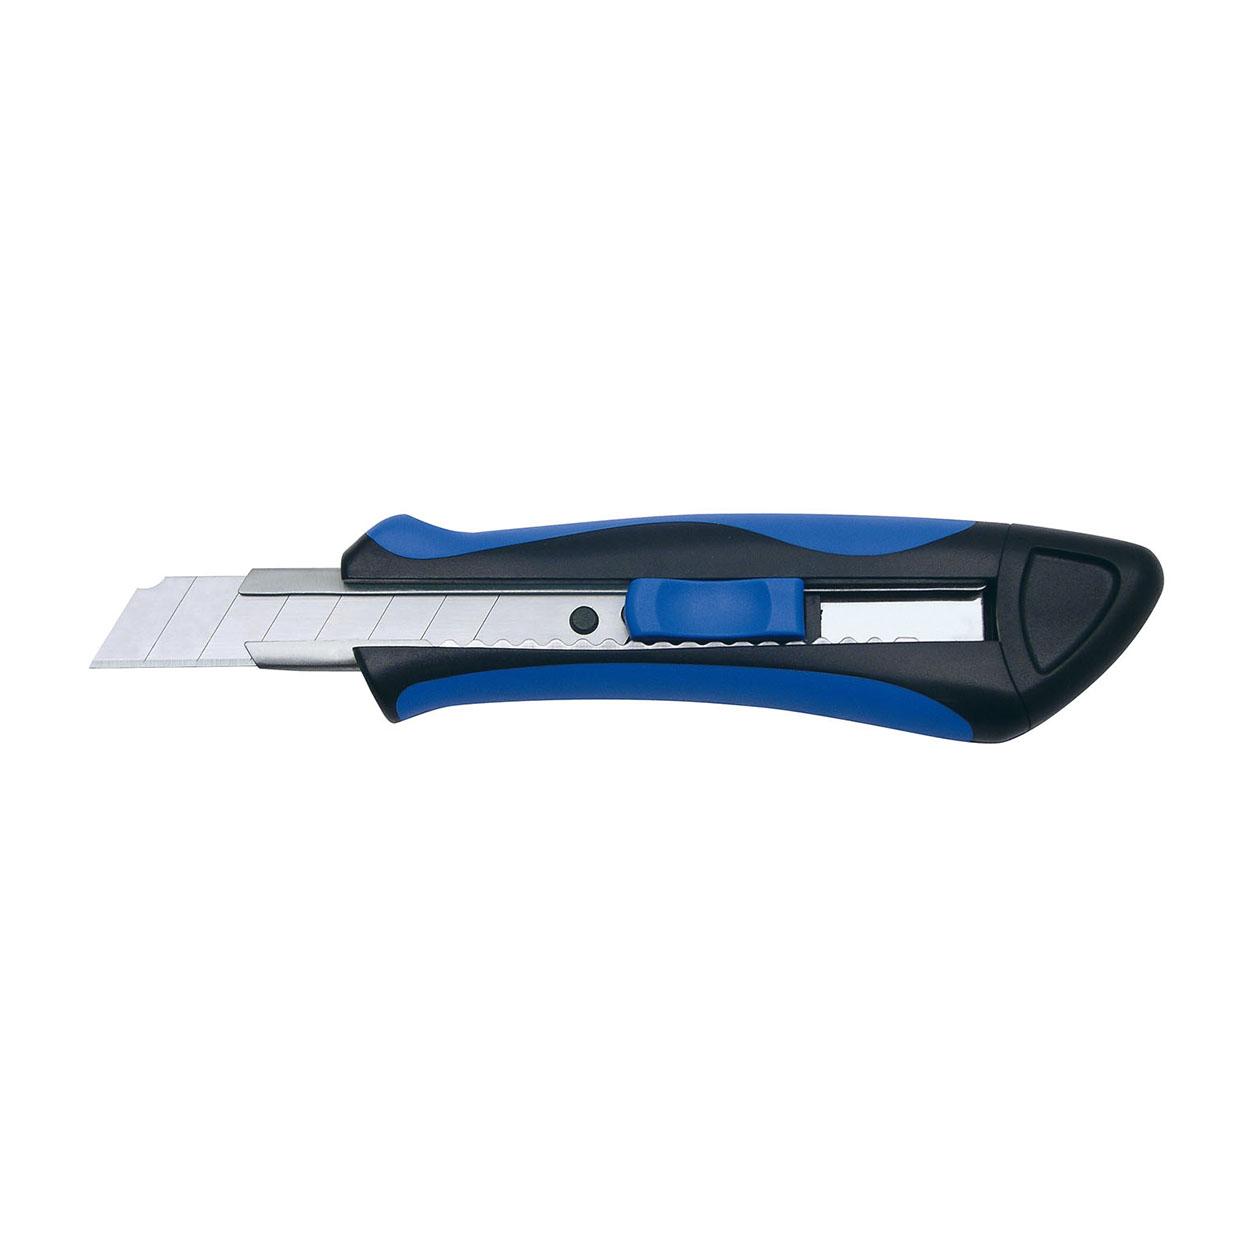 Pracovný nôž s odlamovacou čepeľou